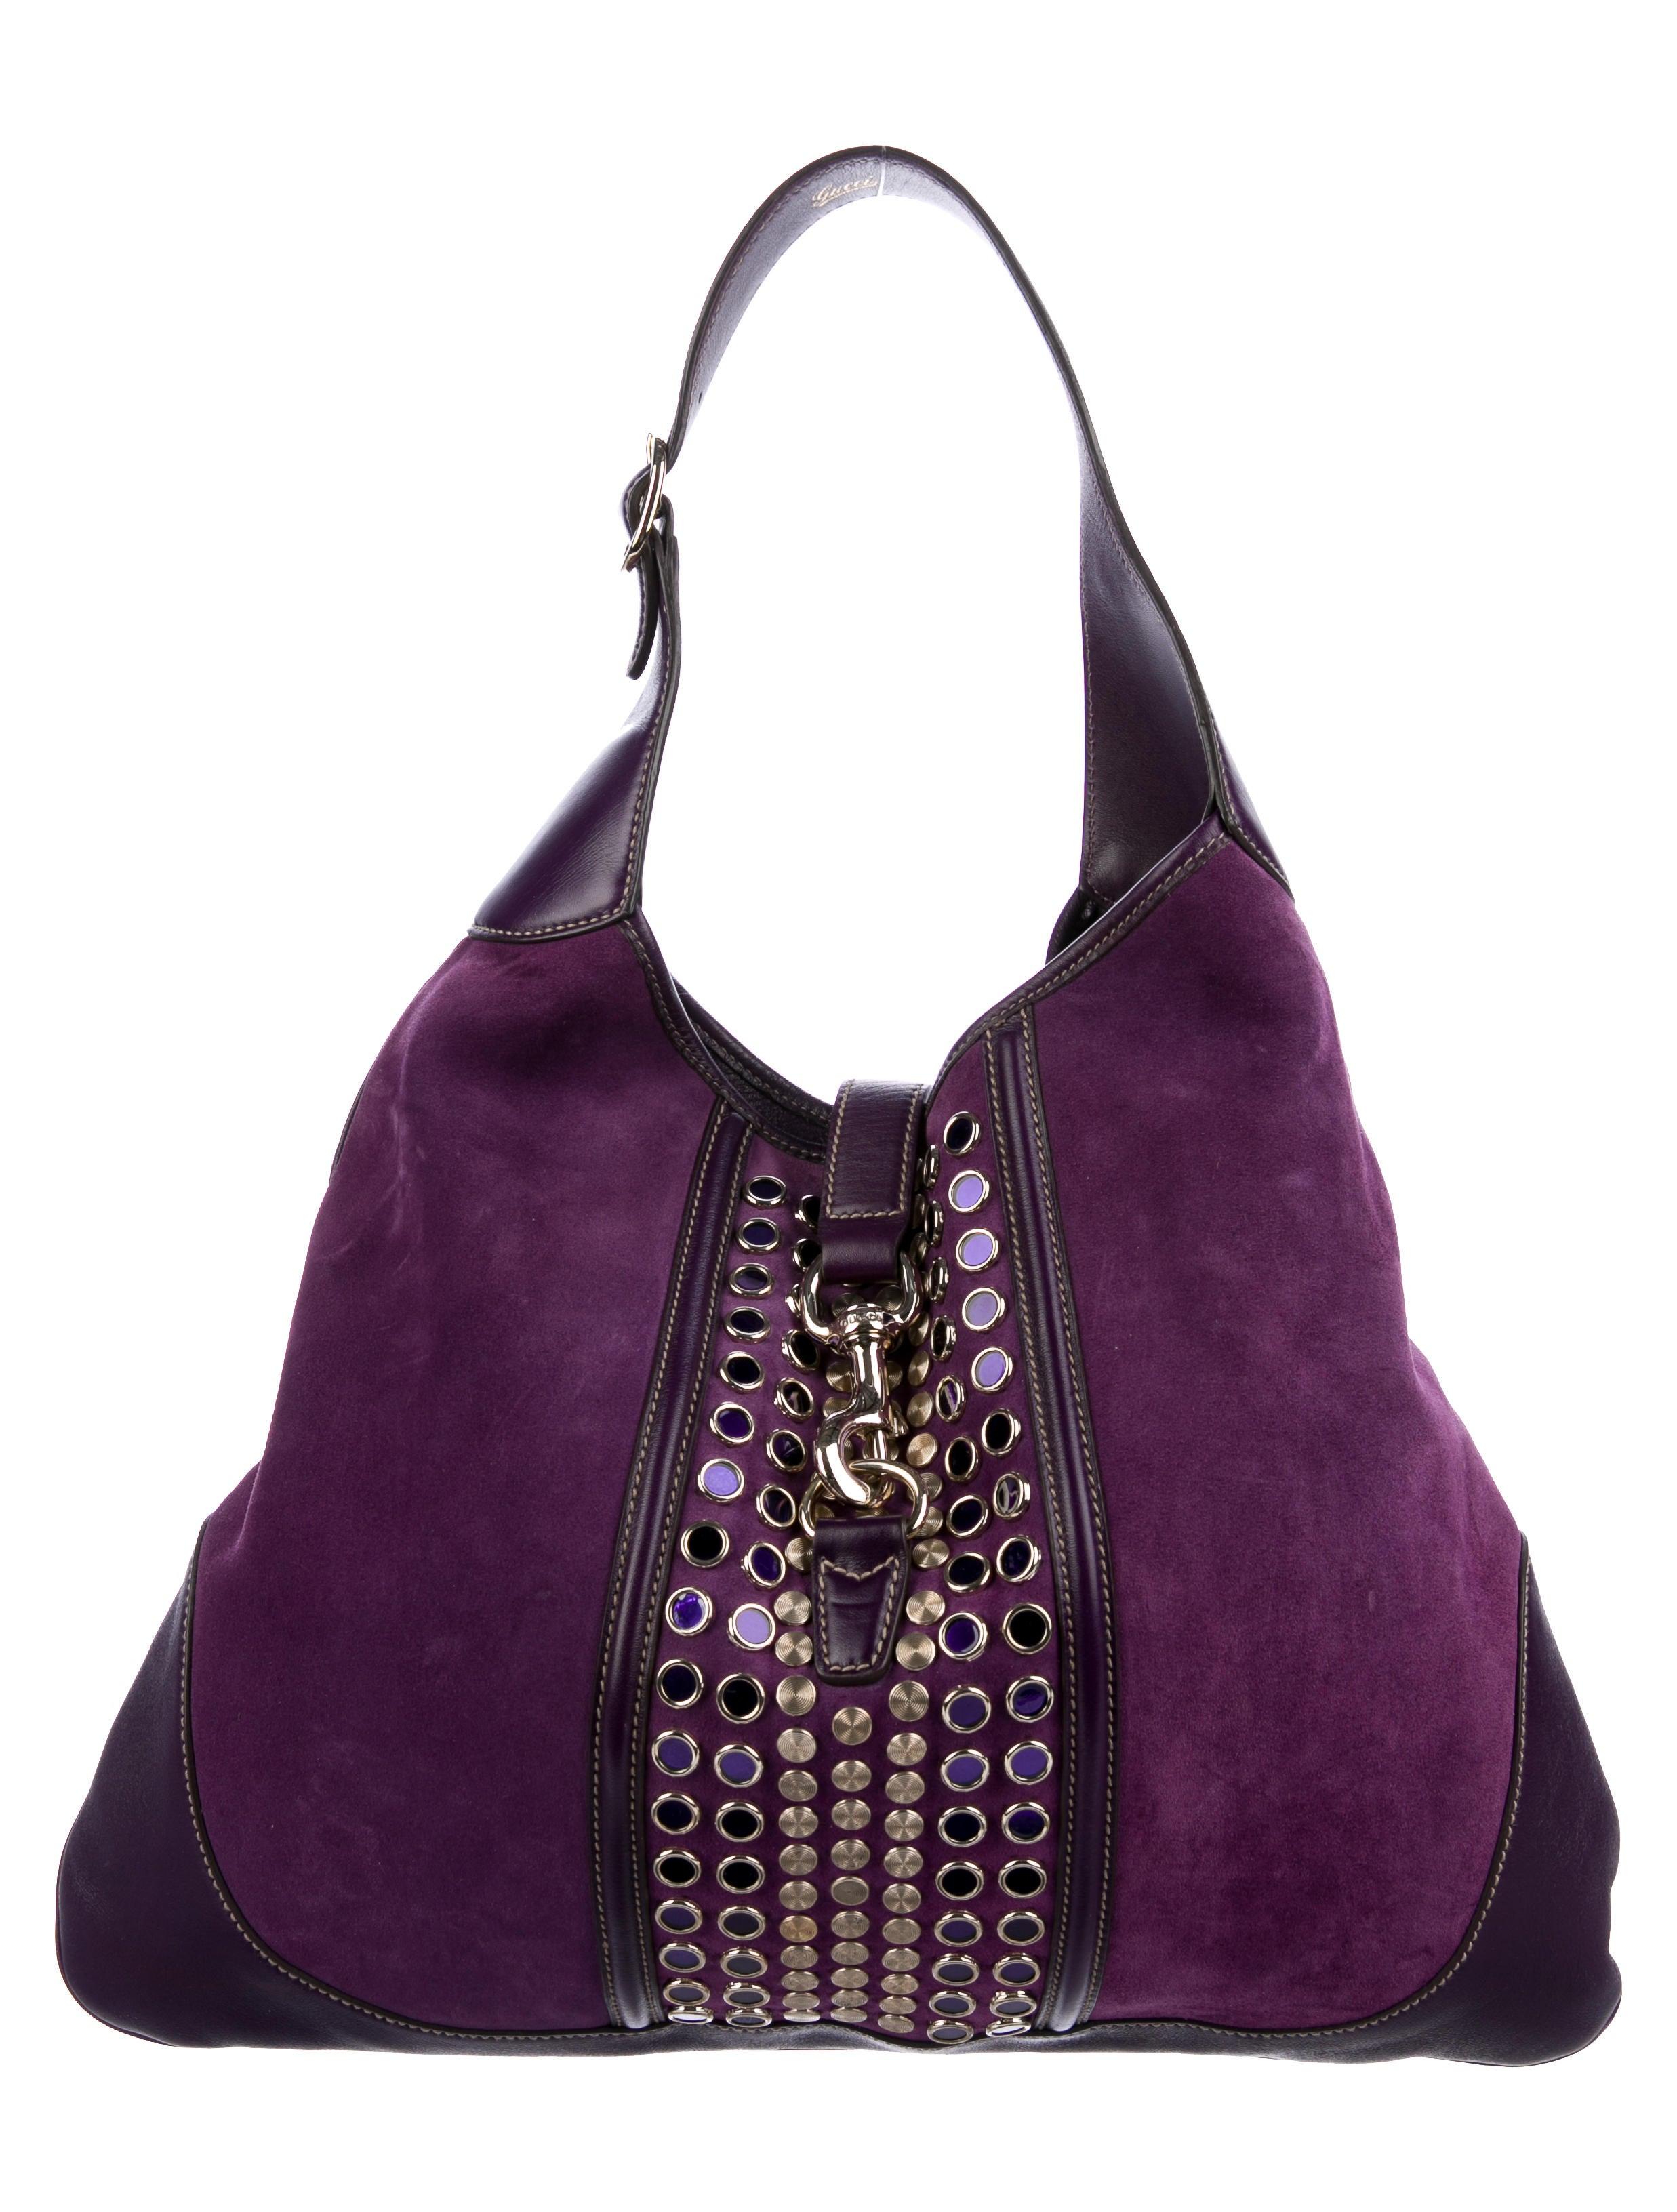 9cfaa65077b Gucci Studded Jackie O Bouvier Bag - Handbags - GUC198956